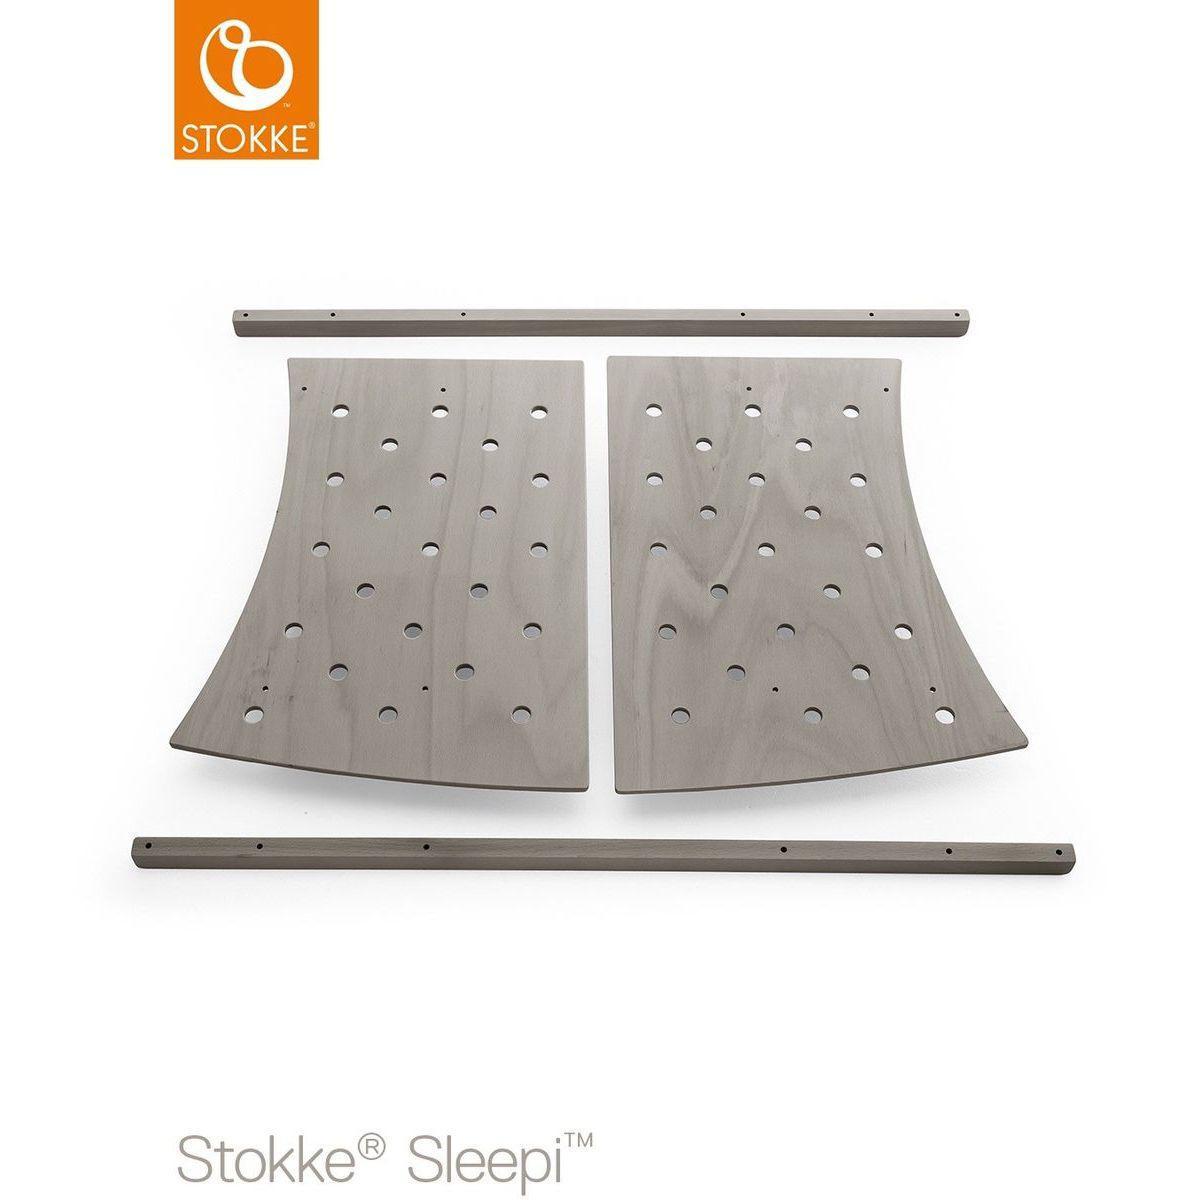 Bettverlängerung Juniorbett SLEEPI Stokke hazy grey